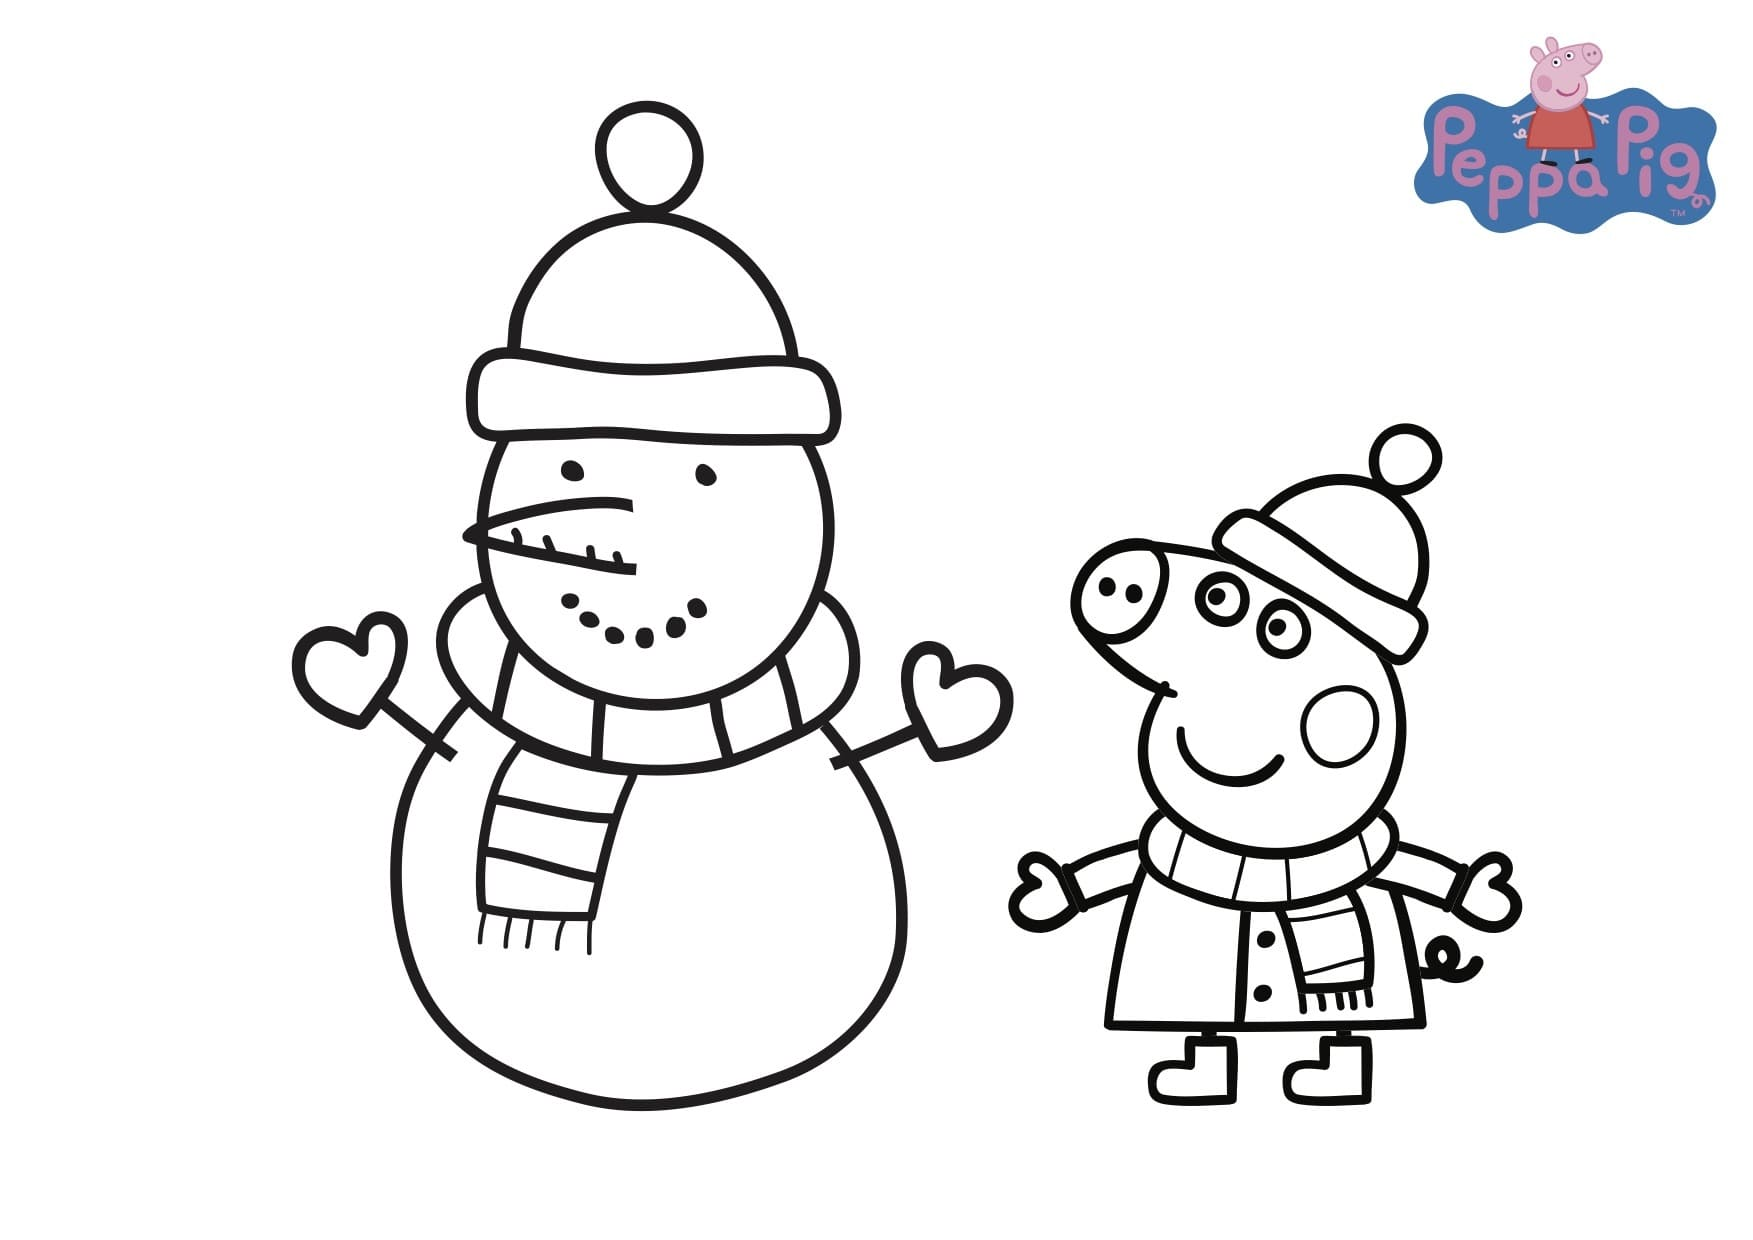 Hình ảnh tô màu chú heo Peppa và người tuyết